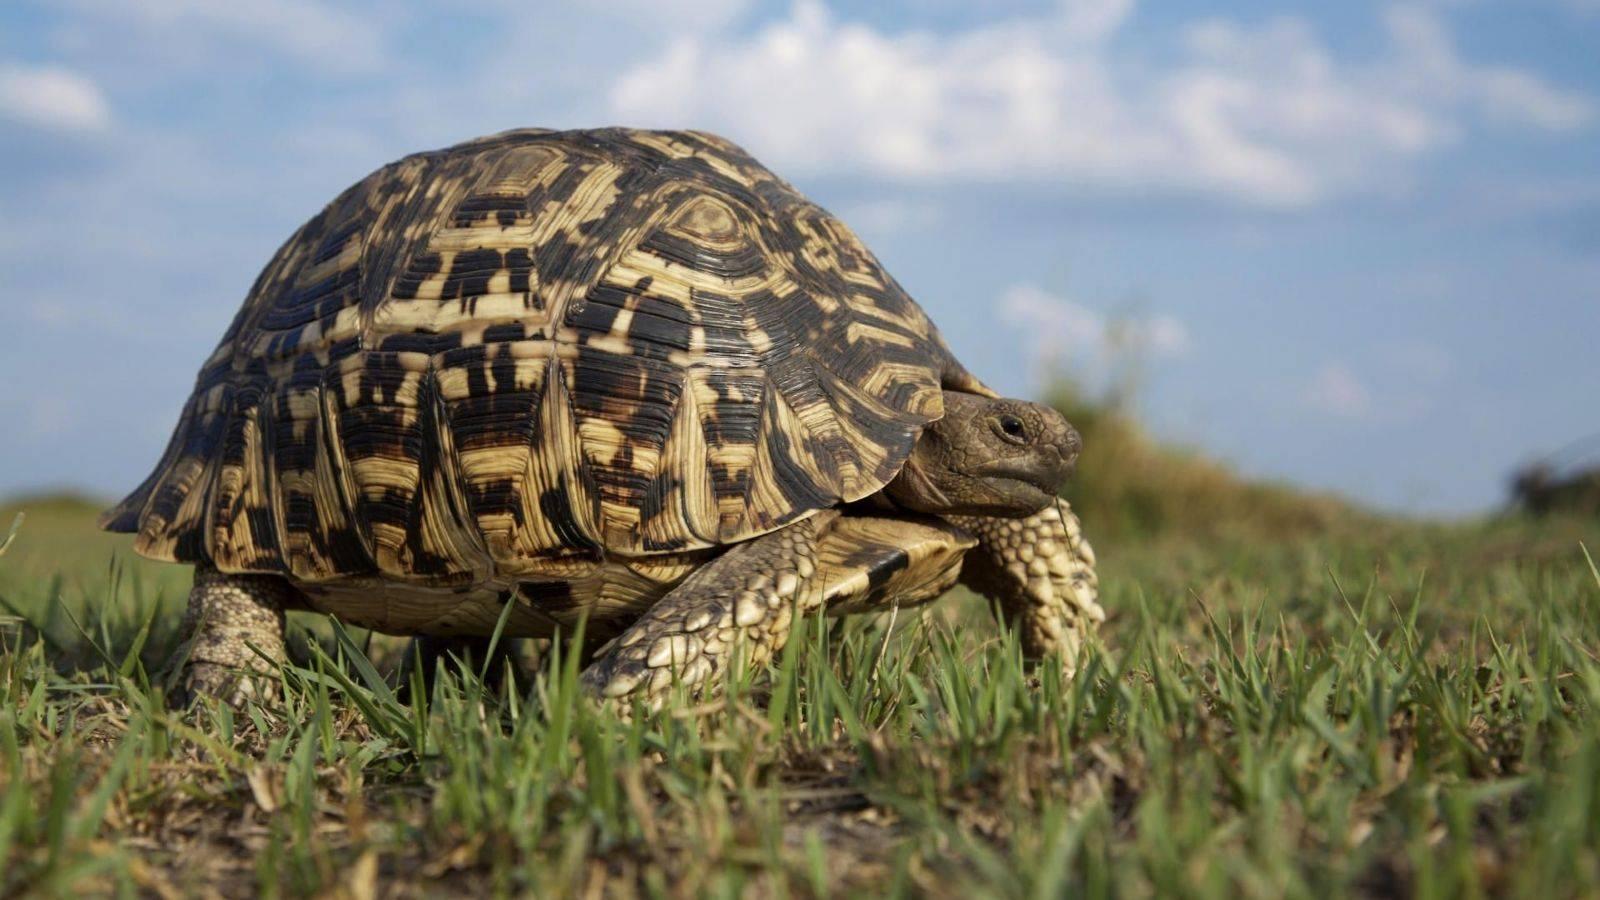 Черепахи: что едят в домашних условиях, как определить возраст и пол рептилии, сколько лет живут